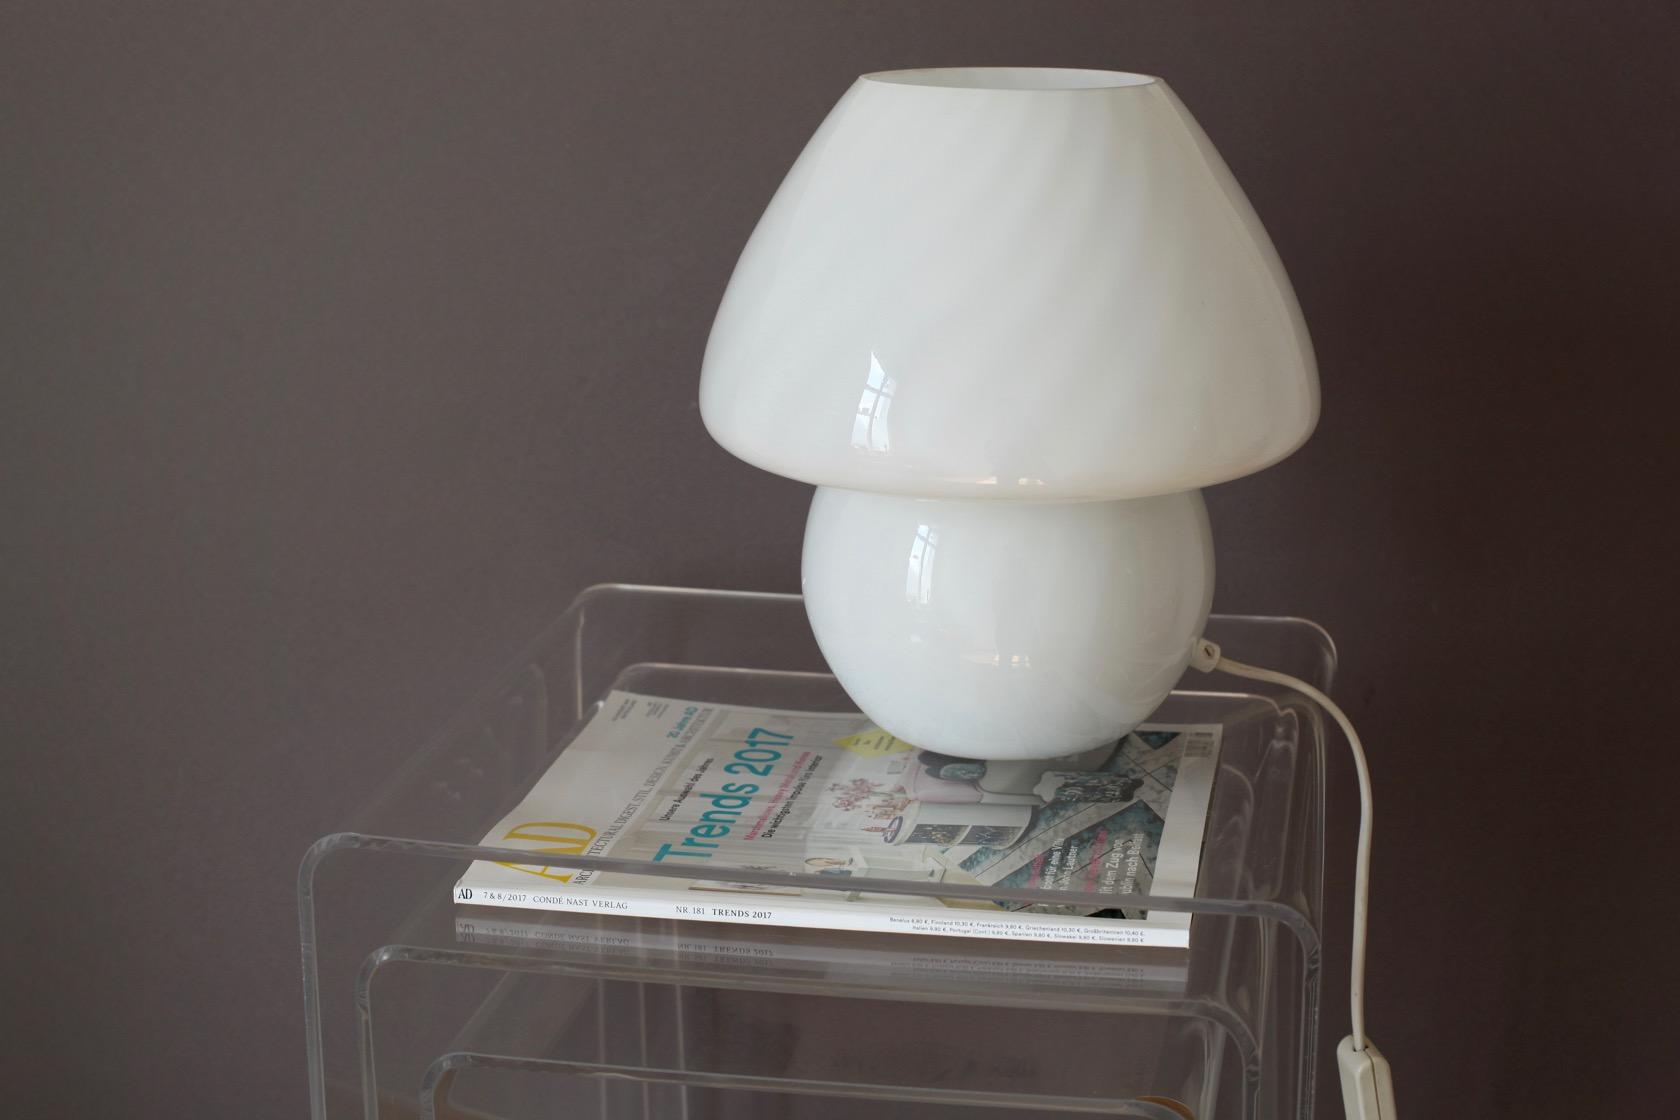 pilzlampe aus den 70er jahren raumwunder vintage wohnen in n rnberg. Black Bedroom Furniture Sets. Home Design Ideas